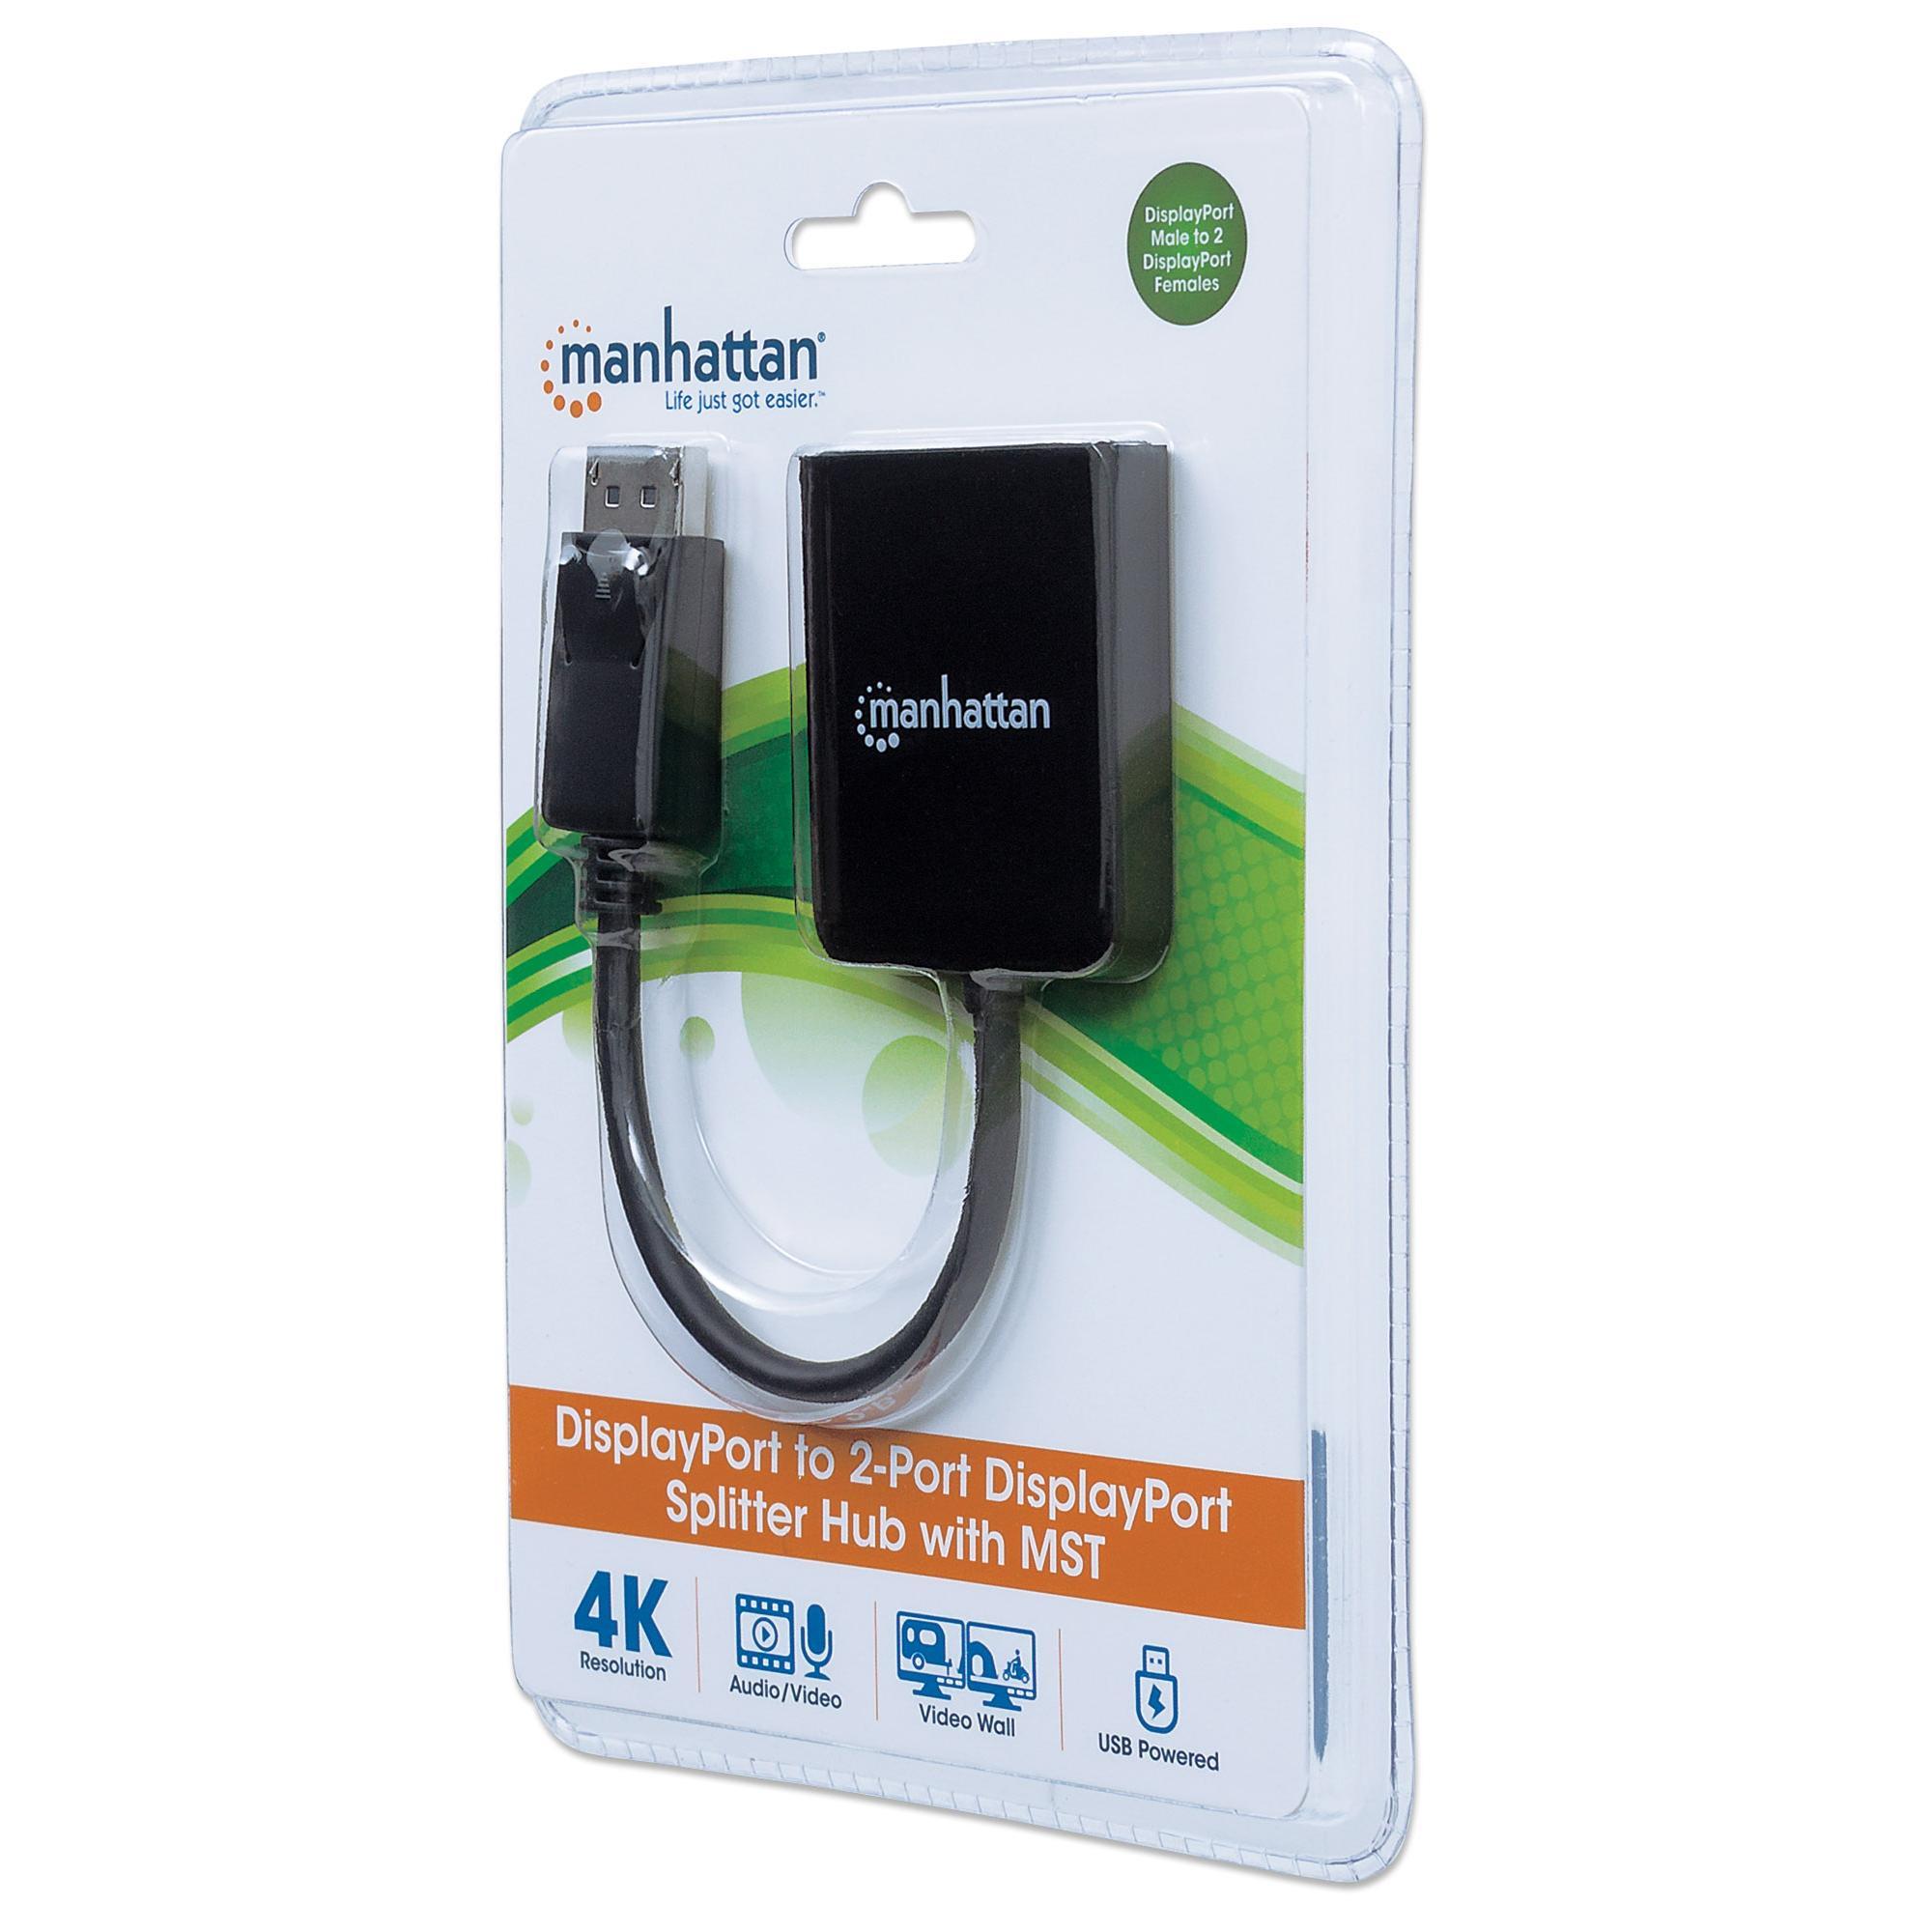 Splitter Hub DisplayPort a 2 porte DisplayPort con MST